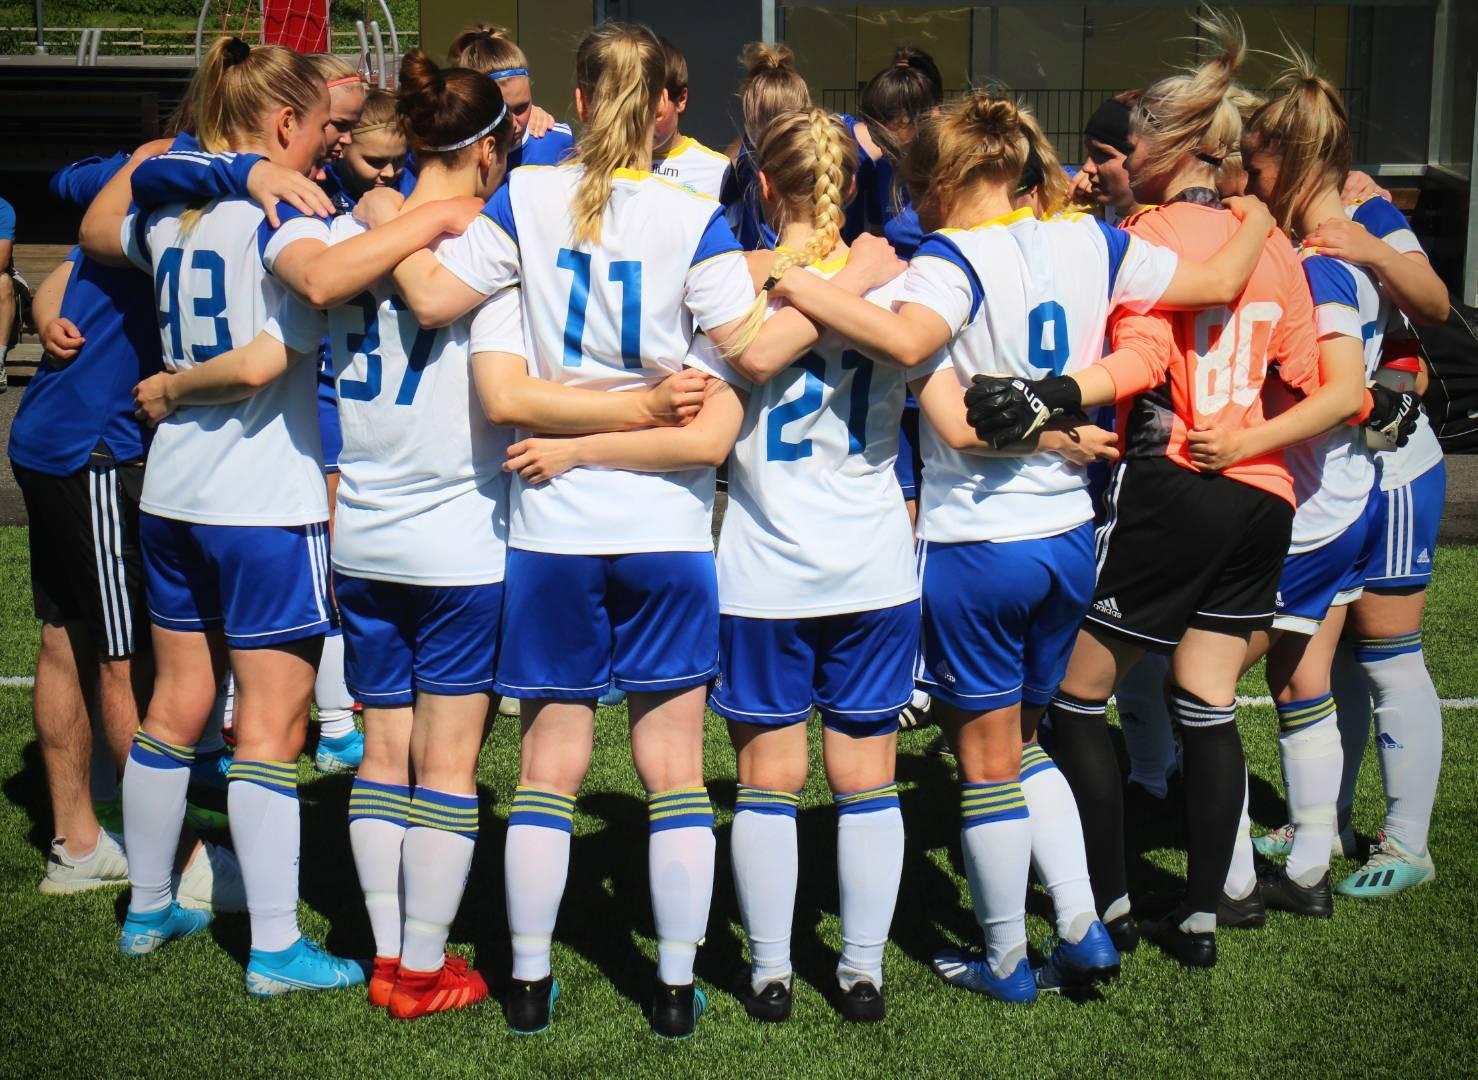 Naisten edustusjoukkueen jalkapalloharjoitukset alkavat